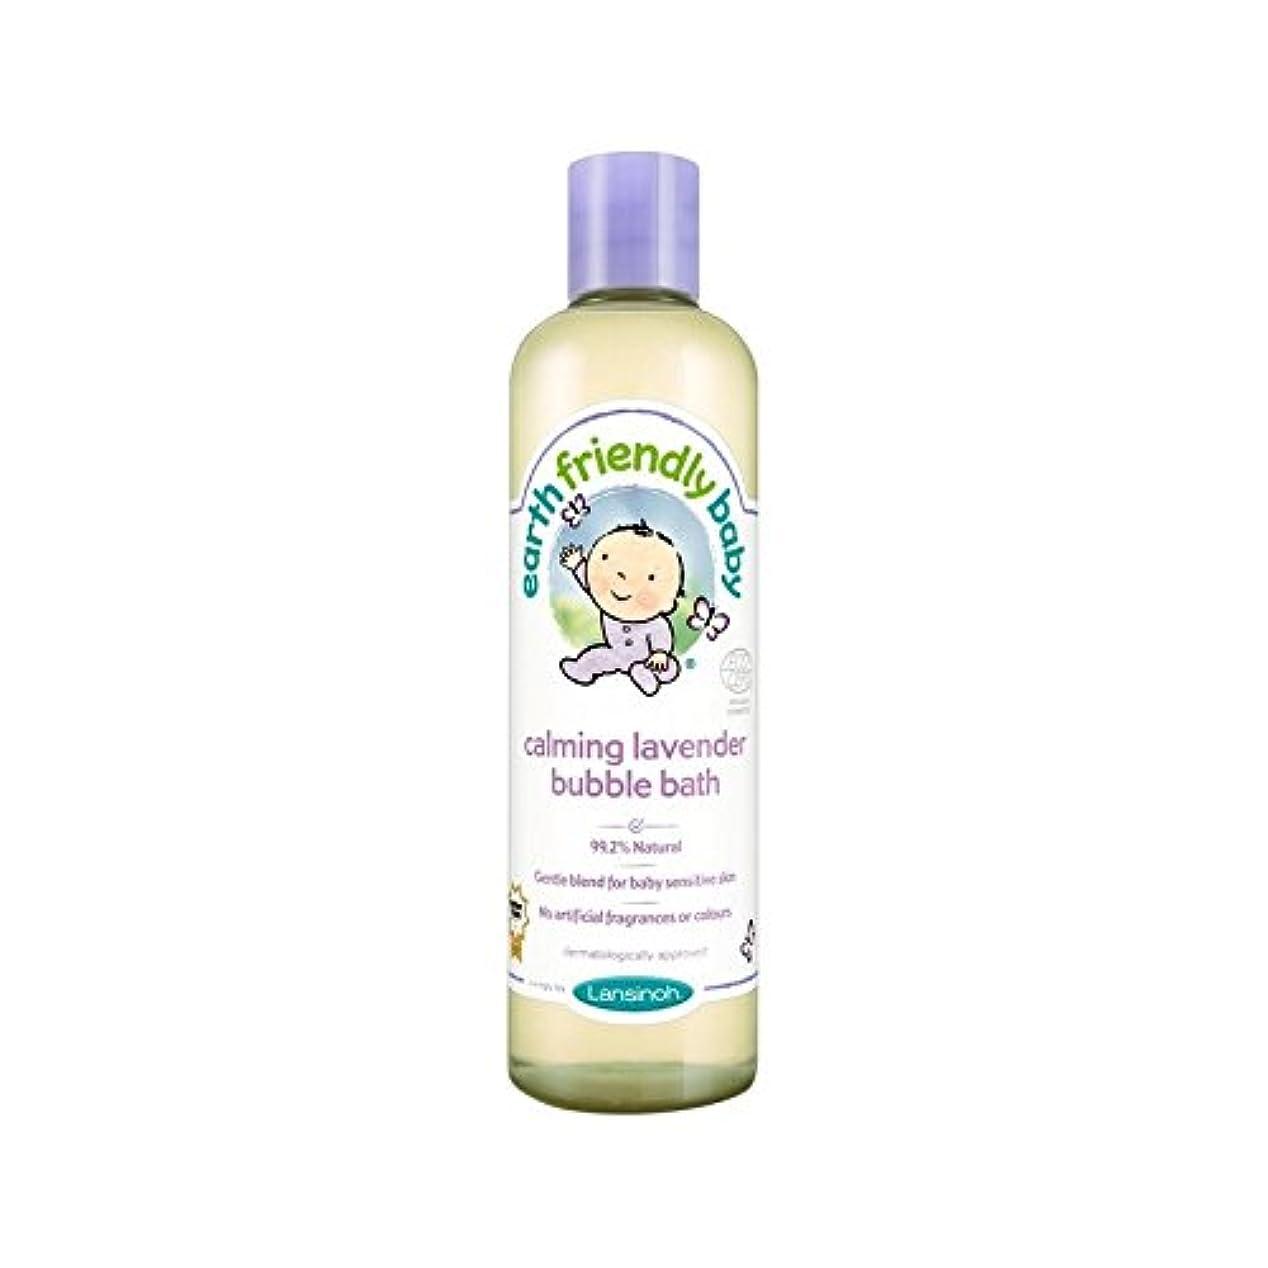 ナチュラル酸っぱい干渉する赤ちゃん沈静ラベンダー泡風呂のエコサートの300ミリリットル (Earth Friendly) (x 2) - Earth Friendly Baby Calming Lavender Bubble Bath ECOCERT...